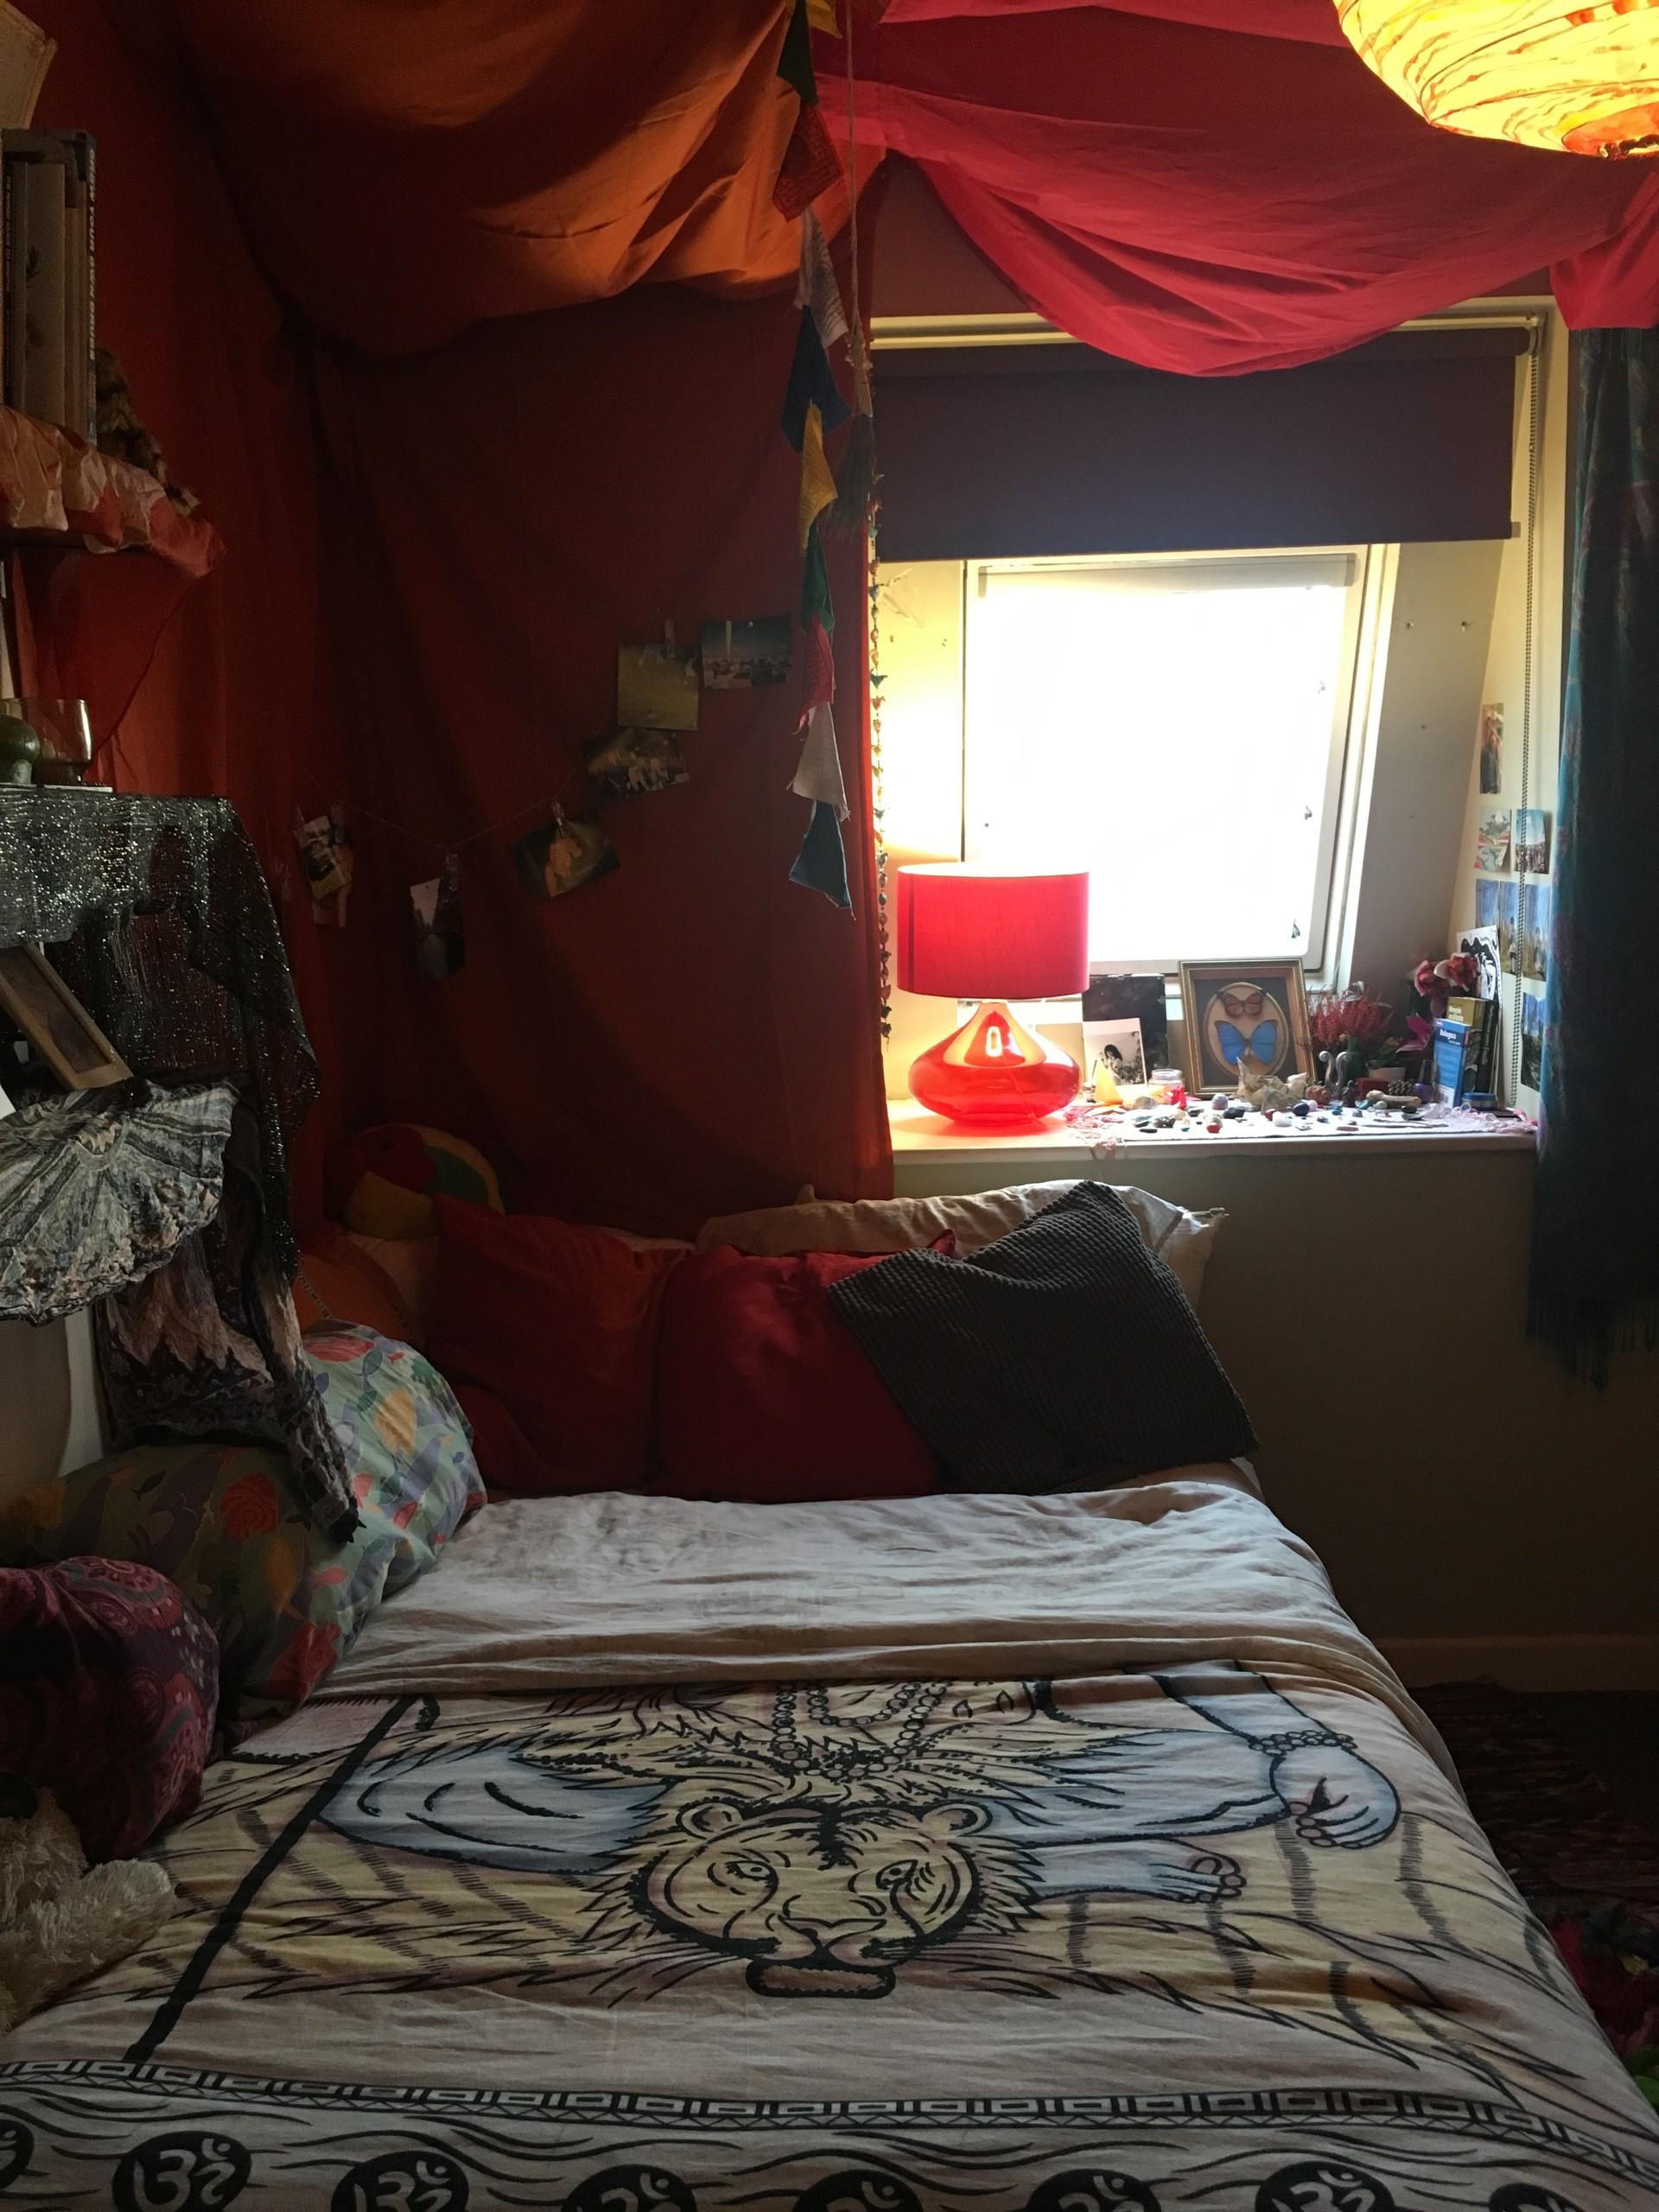 double-bedroom-exchange-student-central-8c8bbc56de3e90c0e79daf87d8af2c71